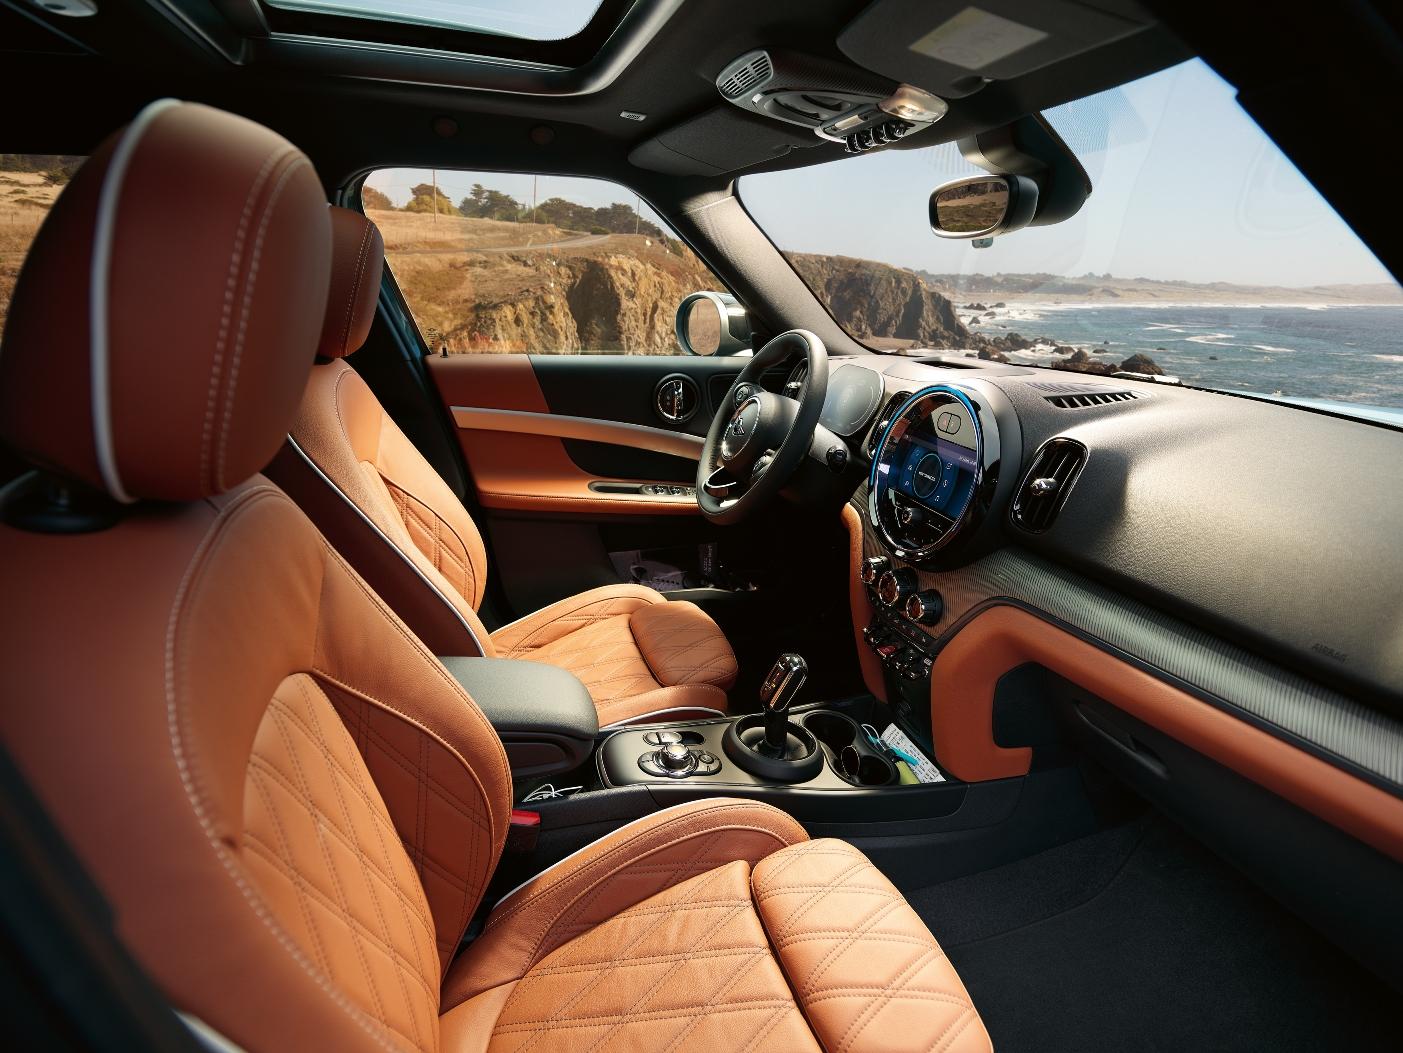 BMW MINI Countryman